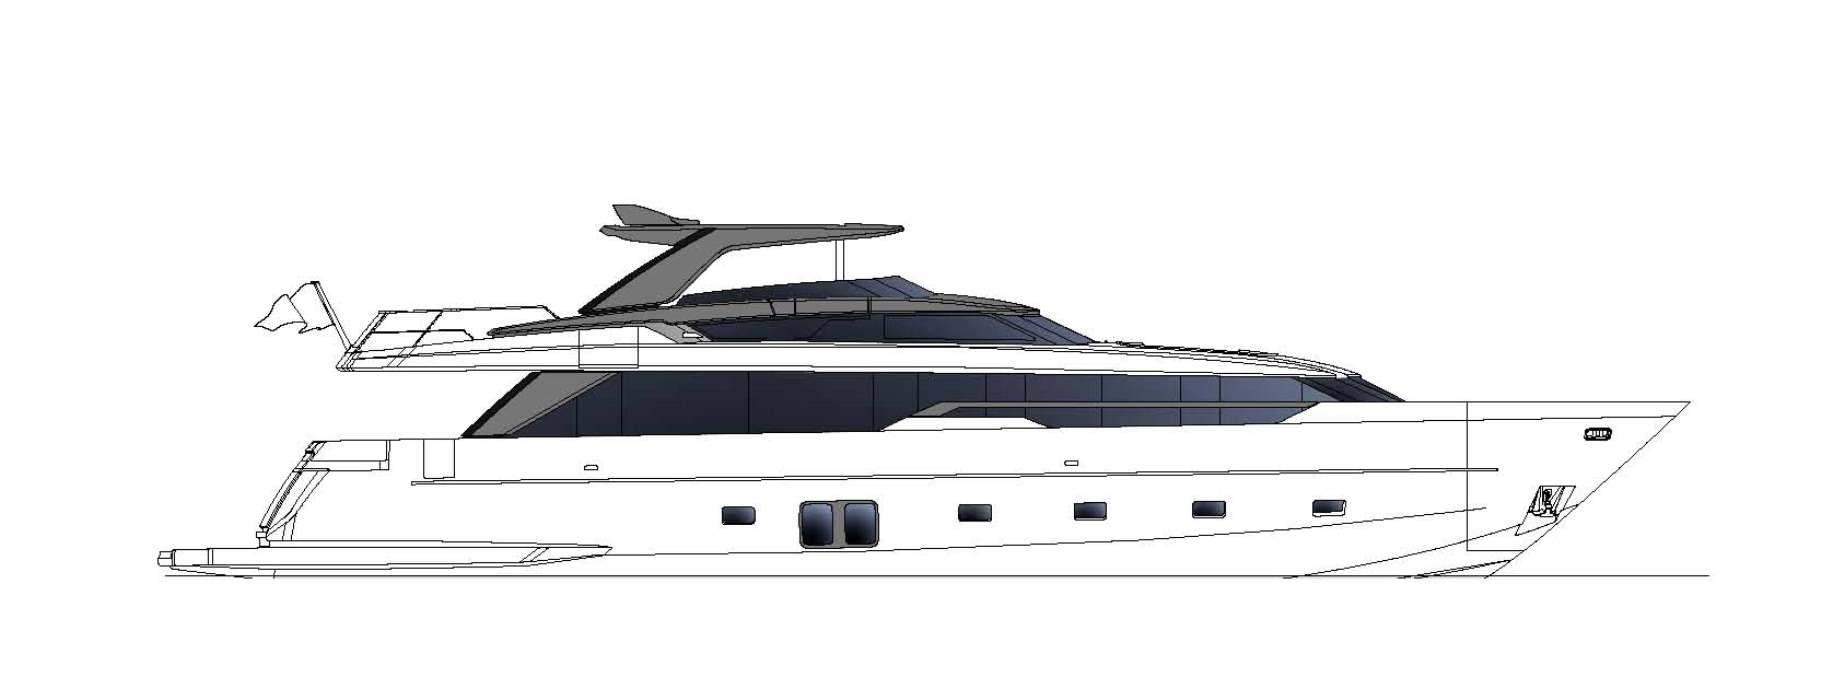 Sanlorenzo Yachts SL96 Asymmetric Profil